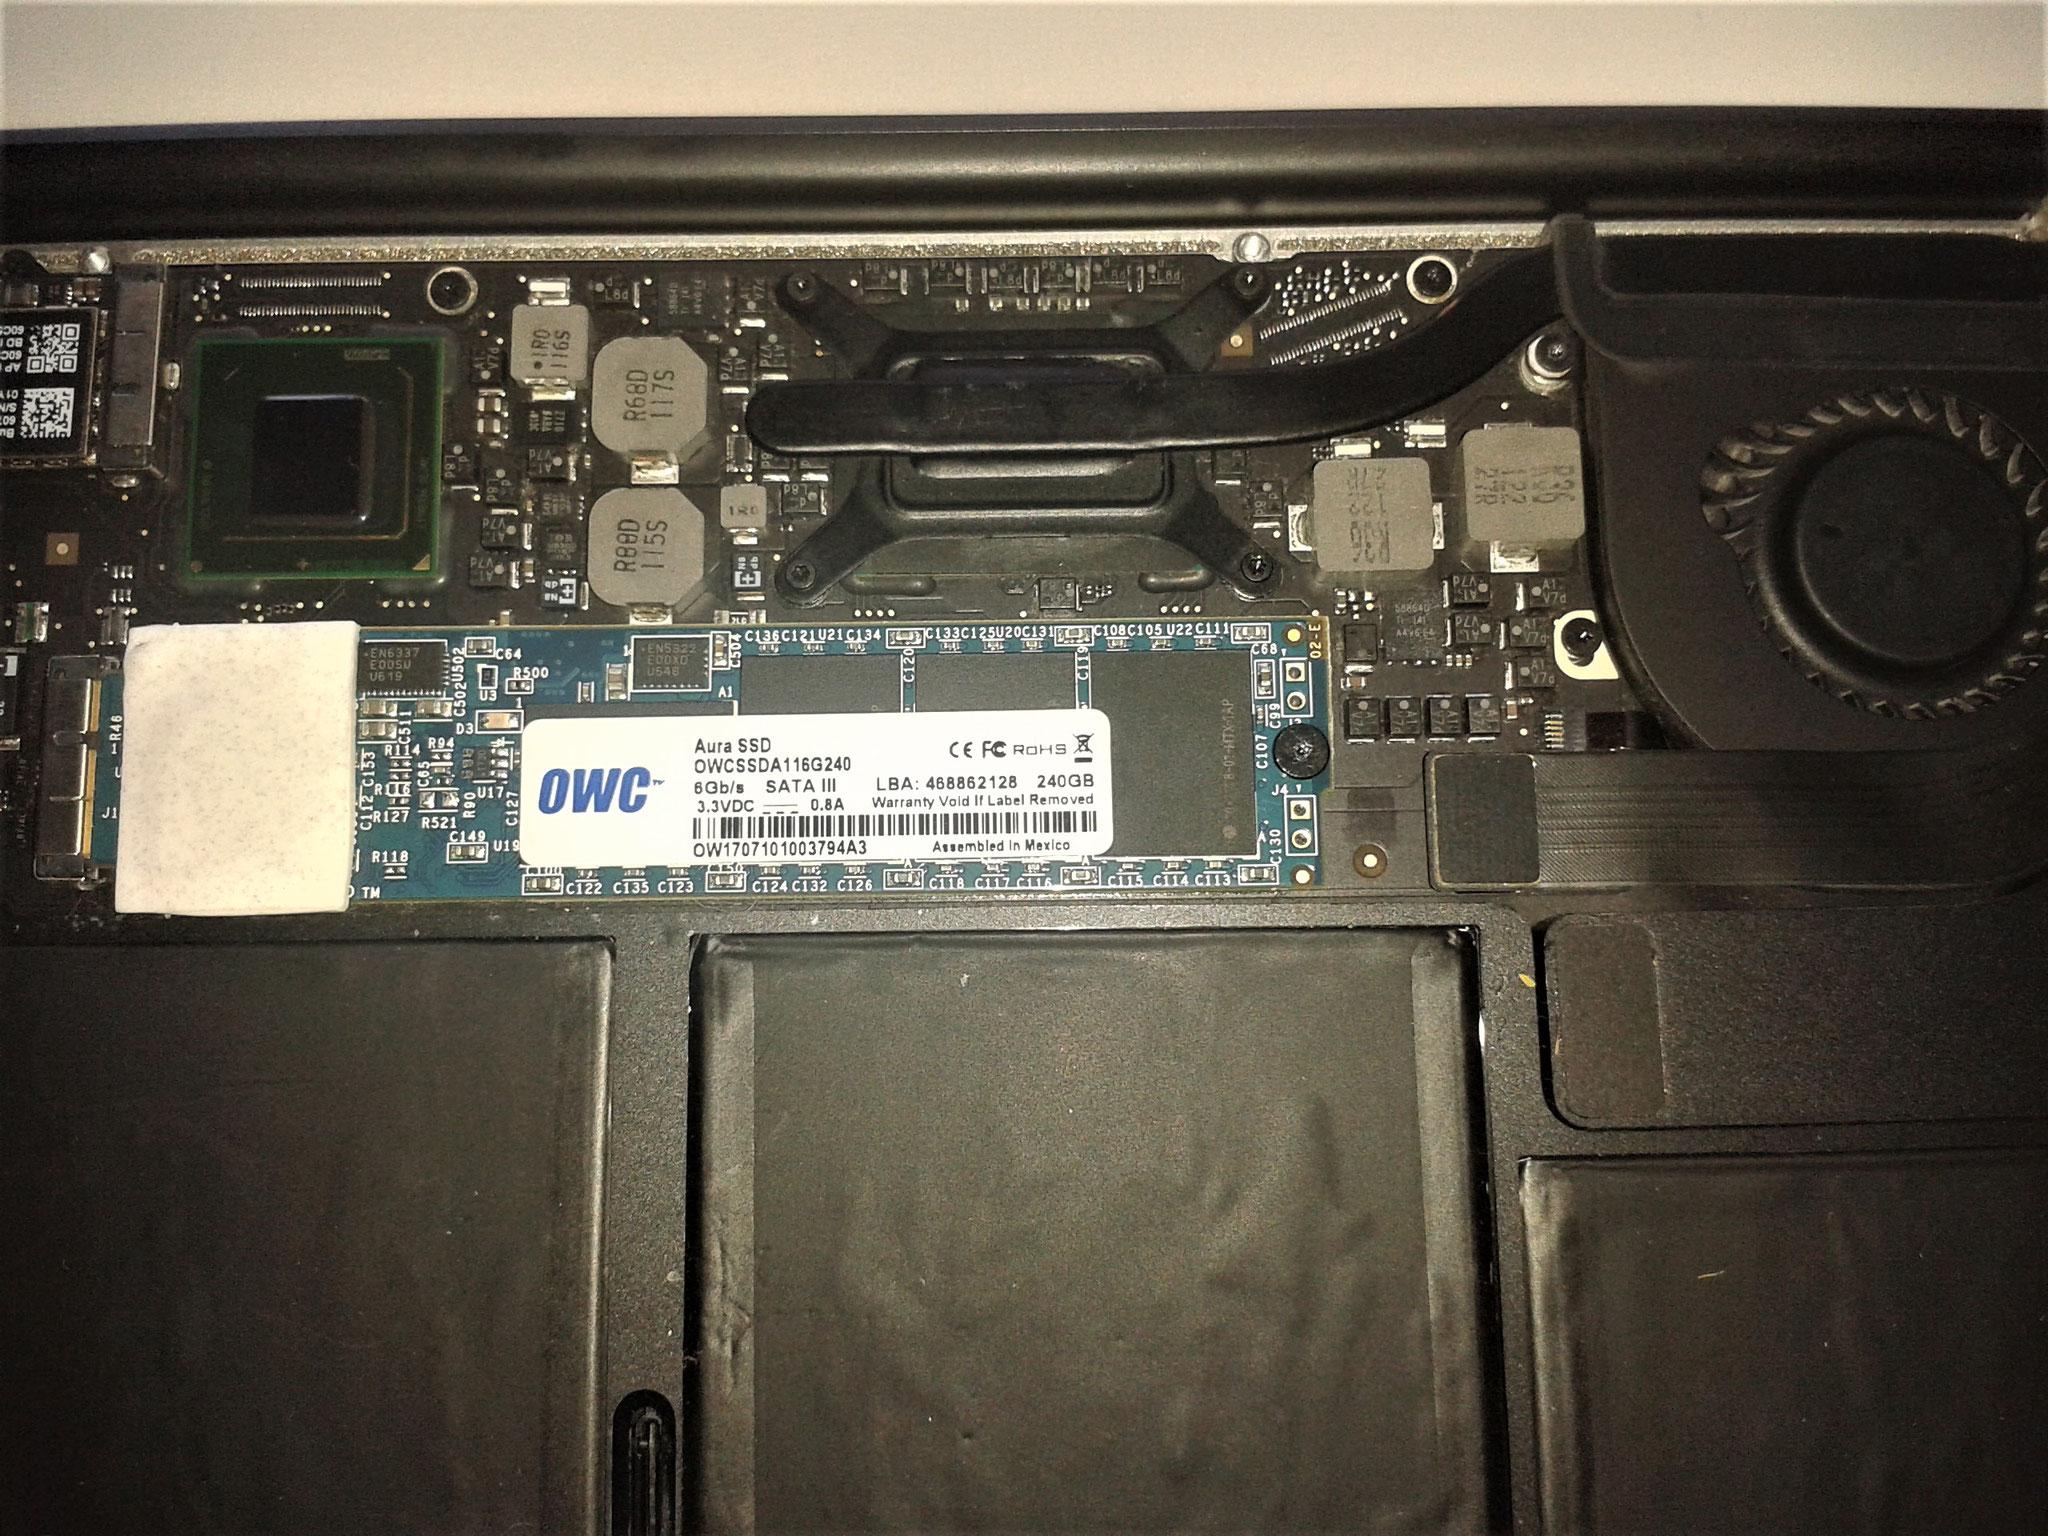 MacBook Pro / Air SSD Upgrade inkl. Datenübernahme. Oder Festplatte Defekt? Wir tauschen schnell und unkompliziert.